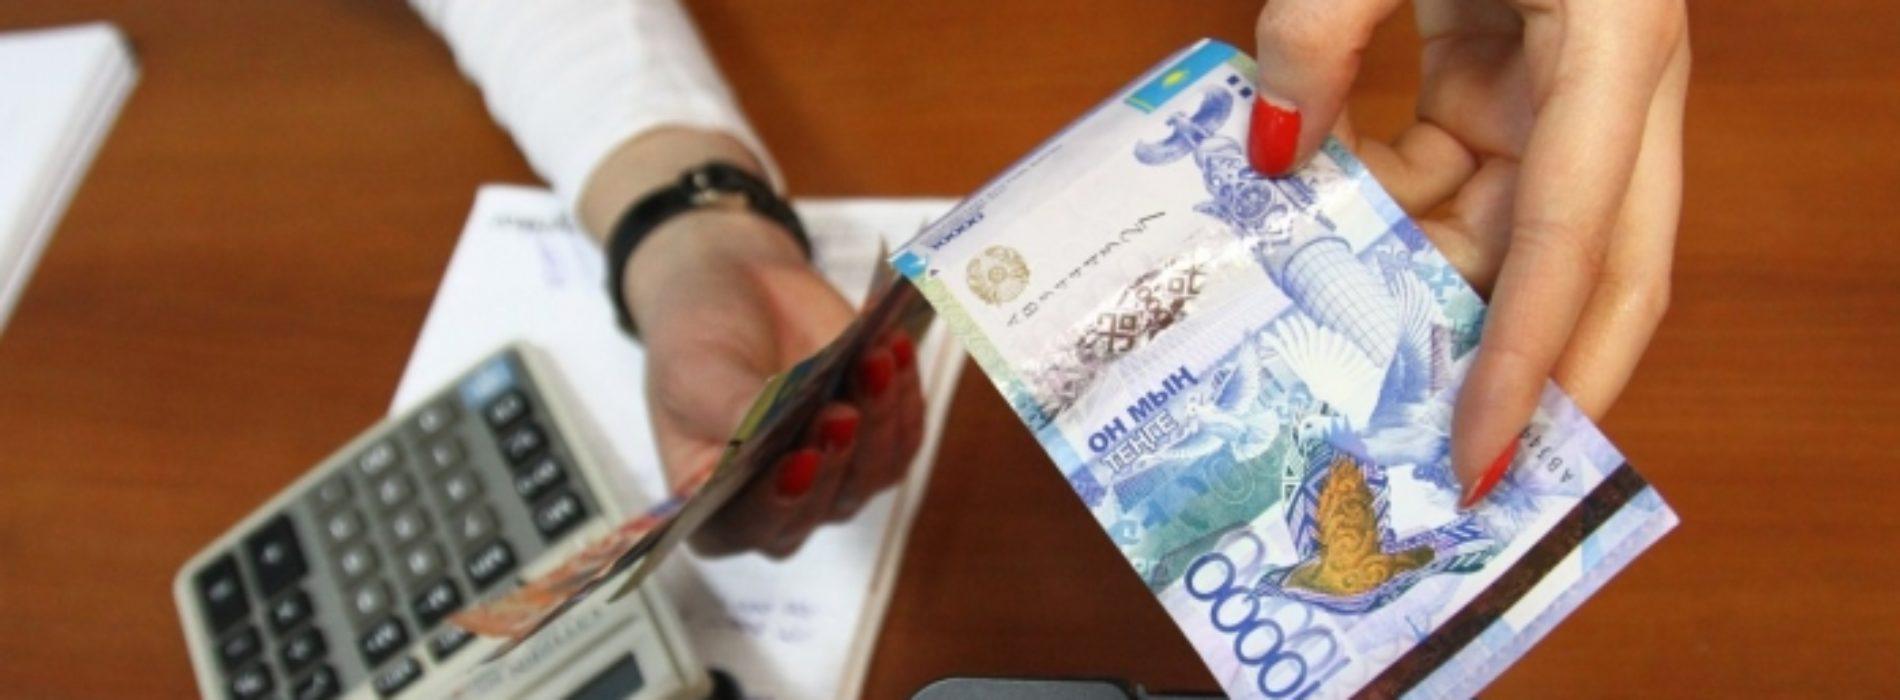 Бухгалтер яслей-сада присвоила 13 миллионов тенге в Павлодаре